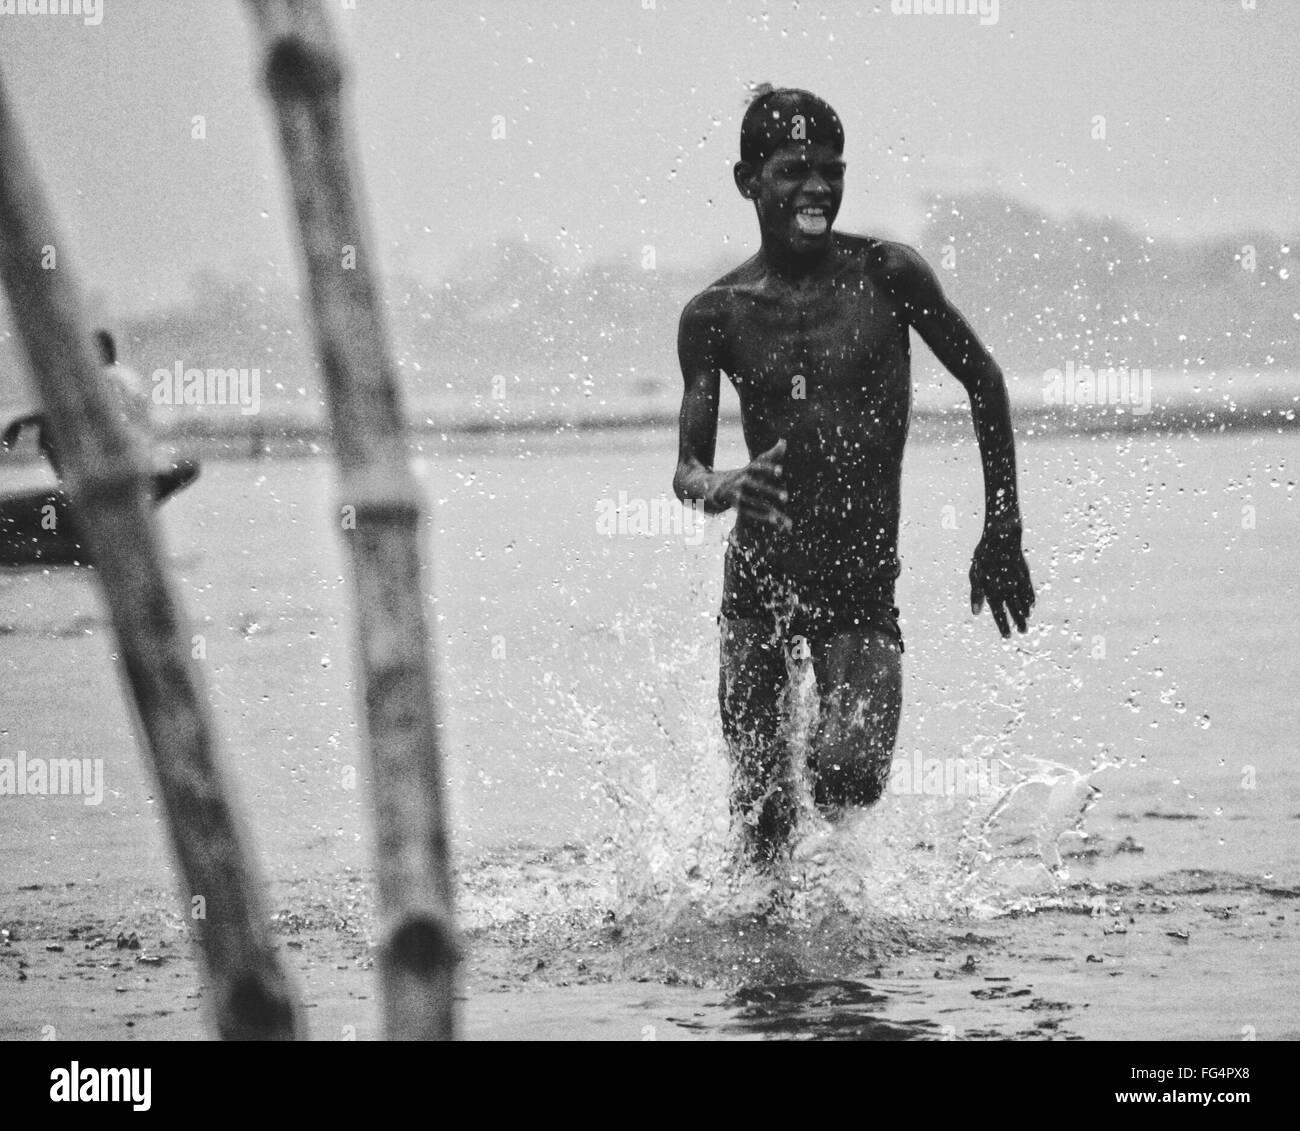 Shirtless Teenage Boy Running In Water At Beach - Stock Image